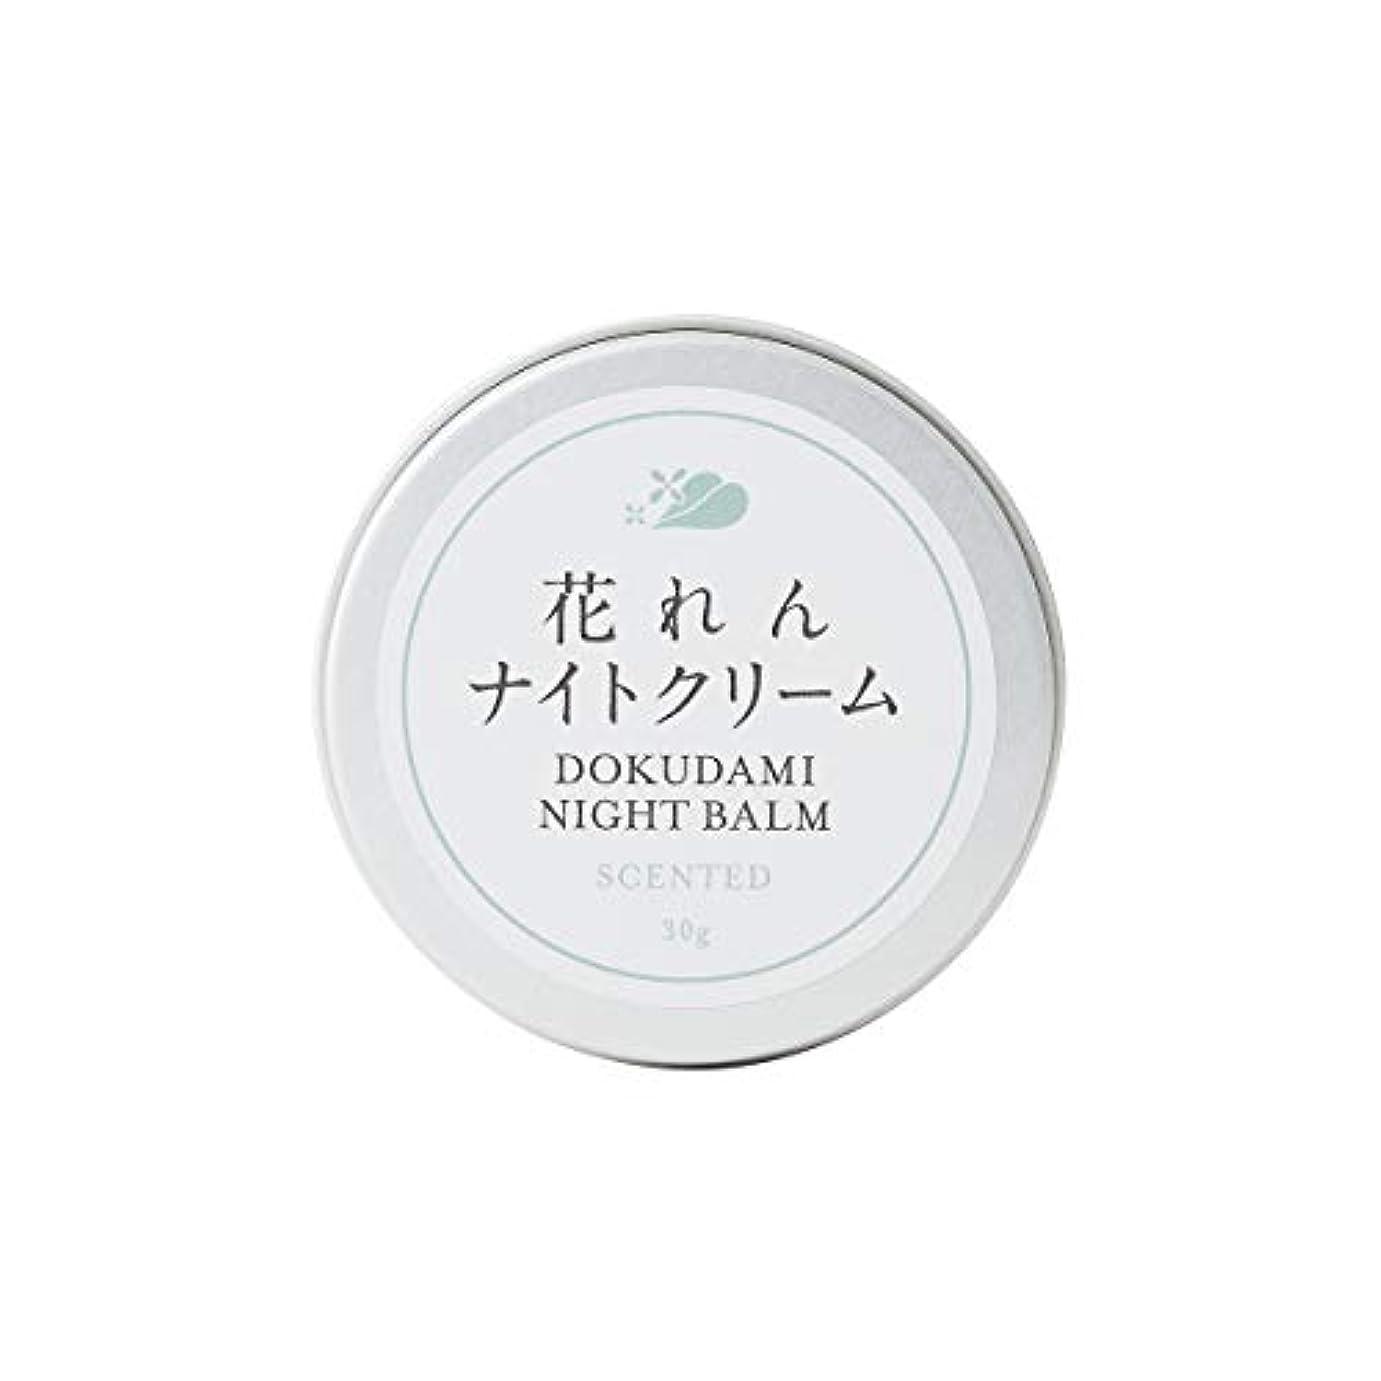 友絵工房 どくだみナイトクリーム(精油配合) 30g